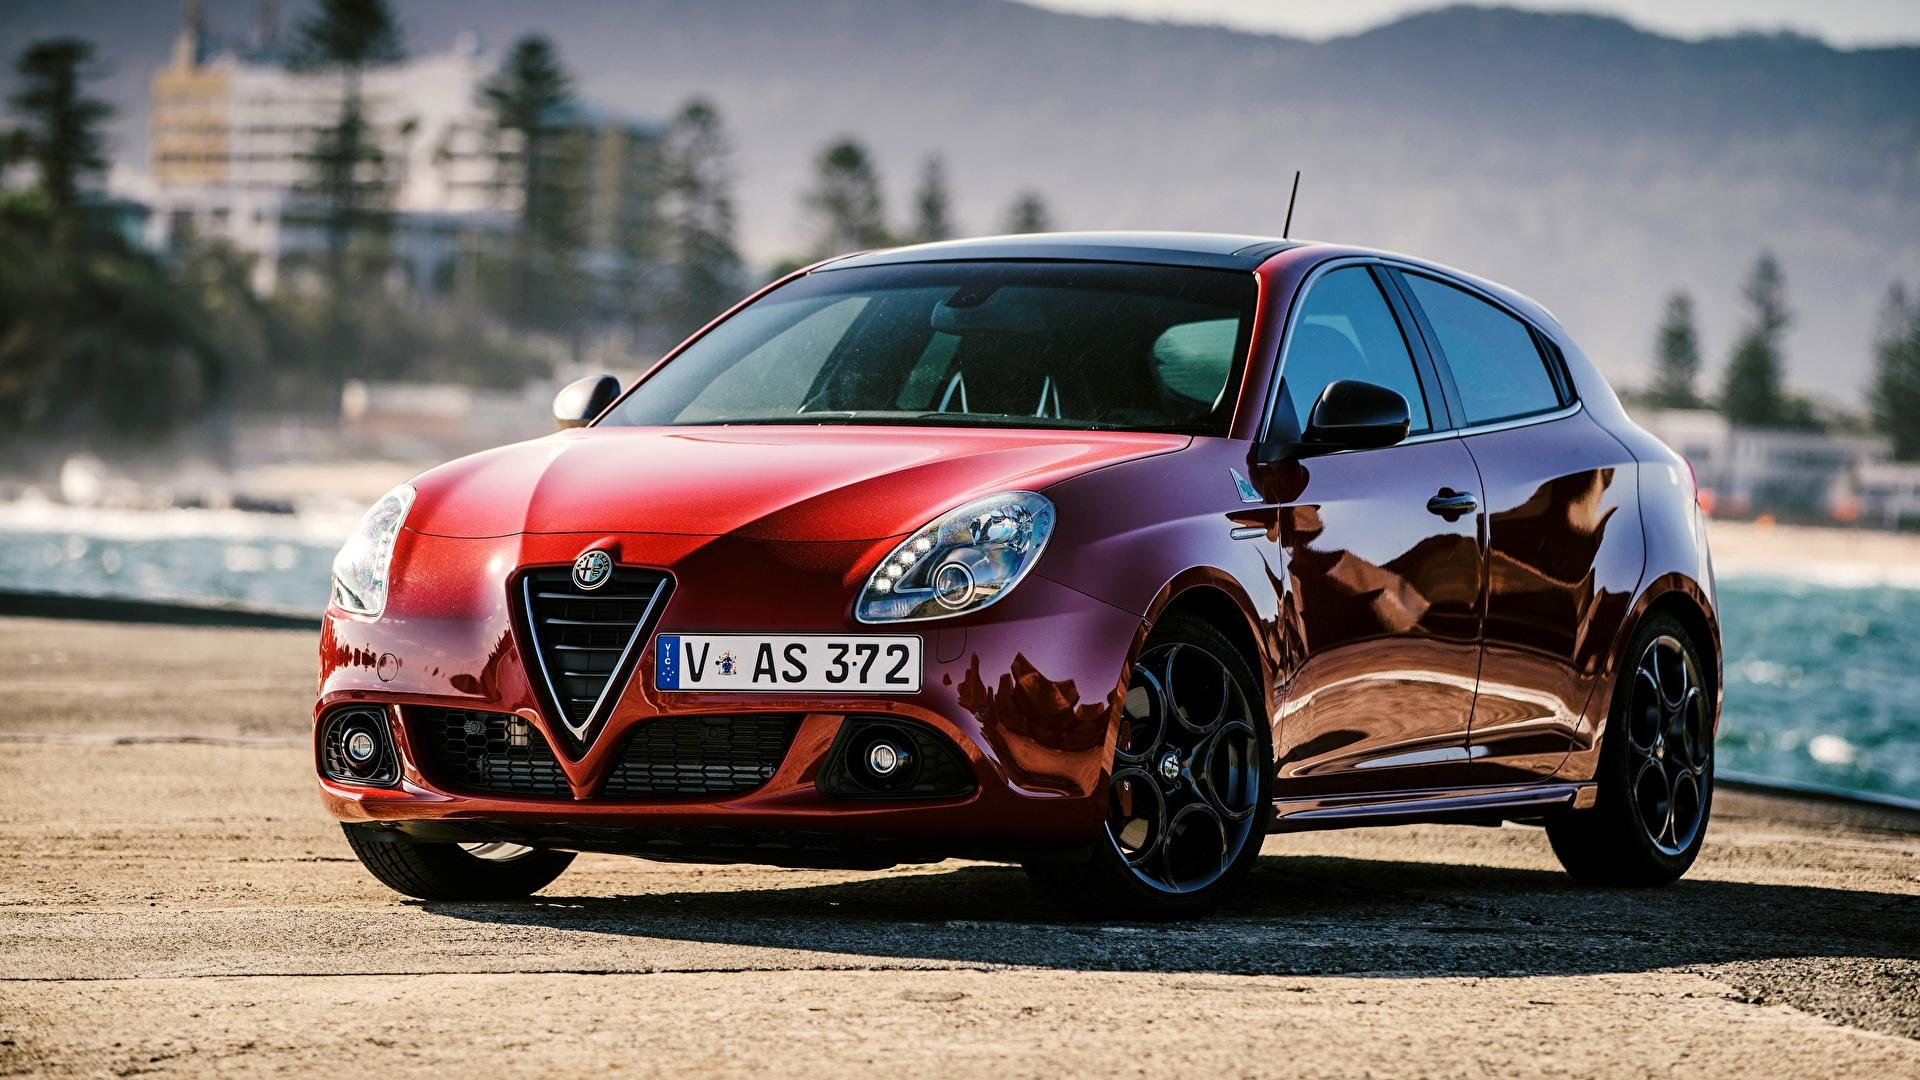 Images Alfa Romeo 2015 Giulietta Quadrifoglio Verde 2560x1440